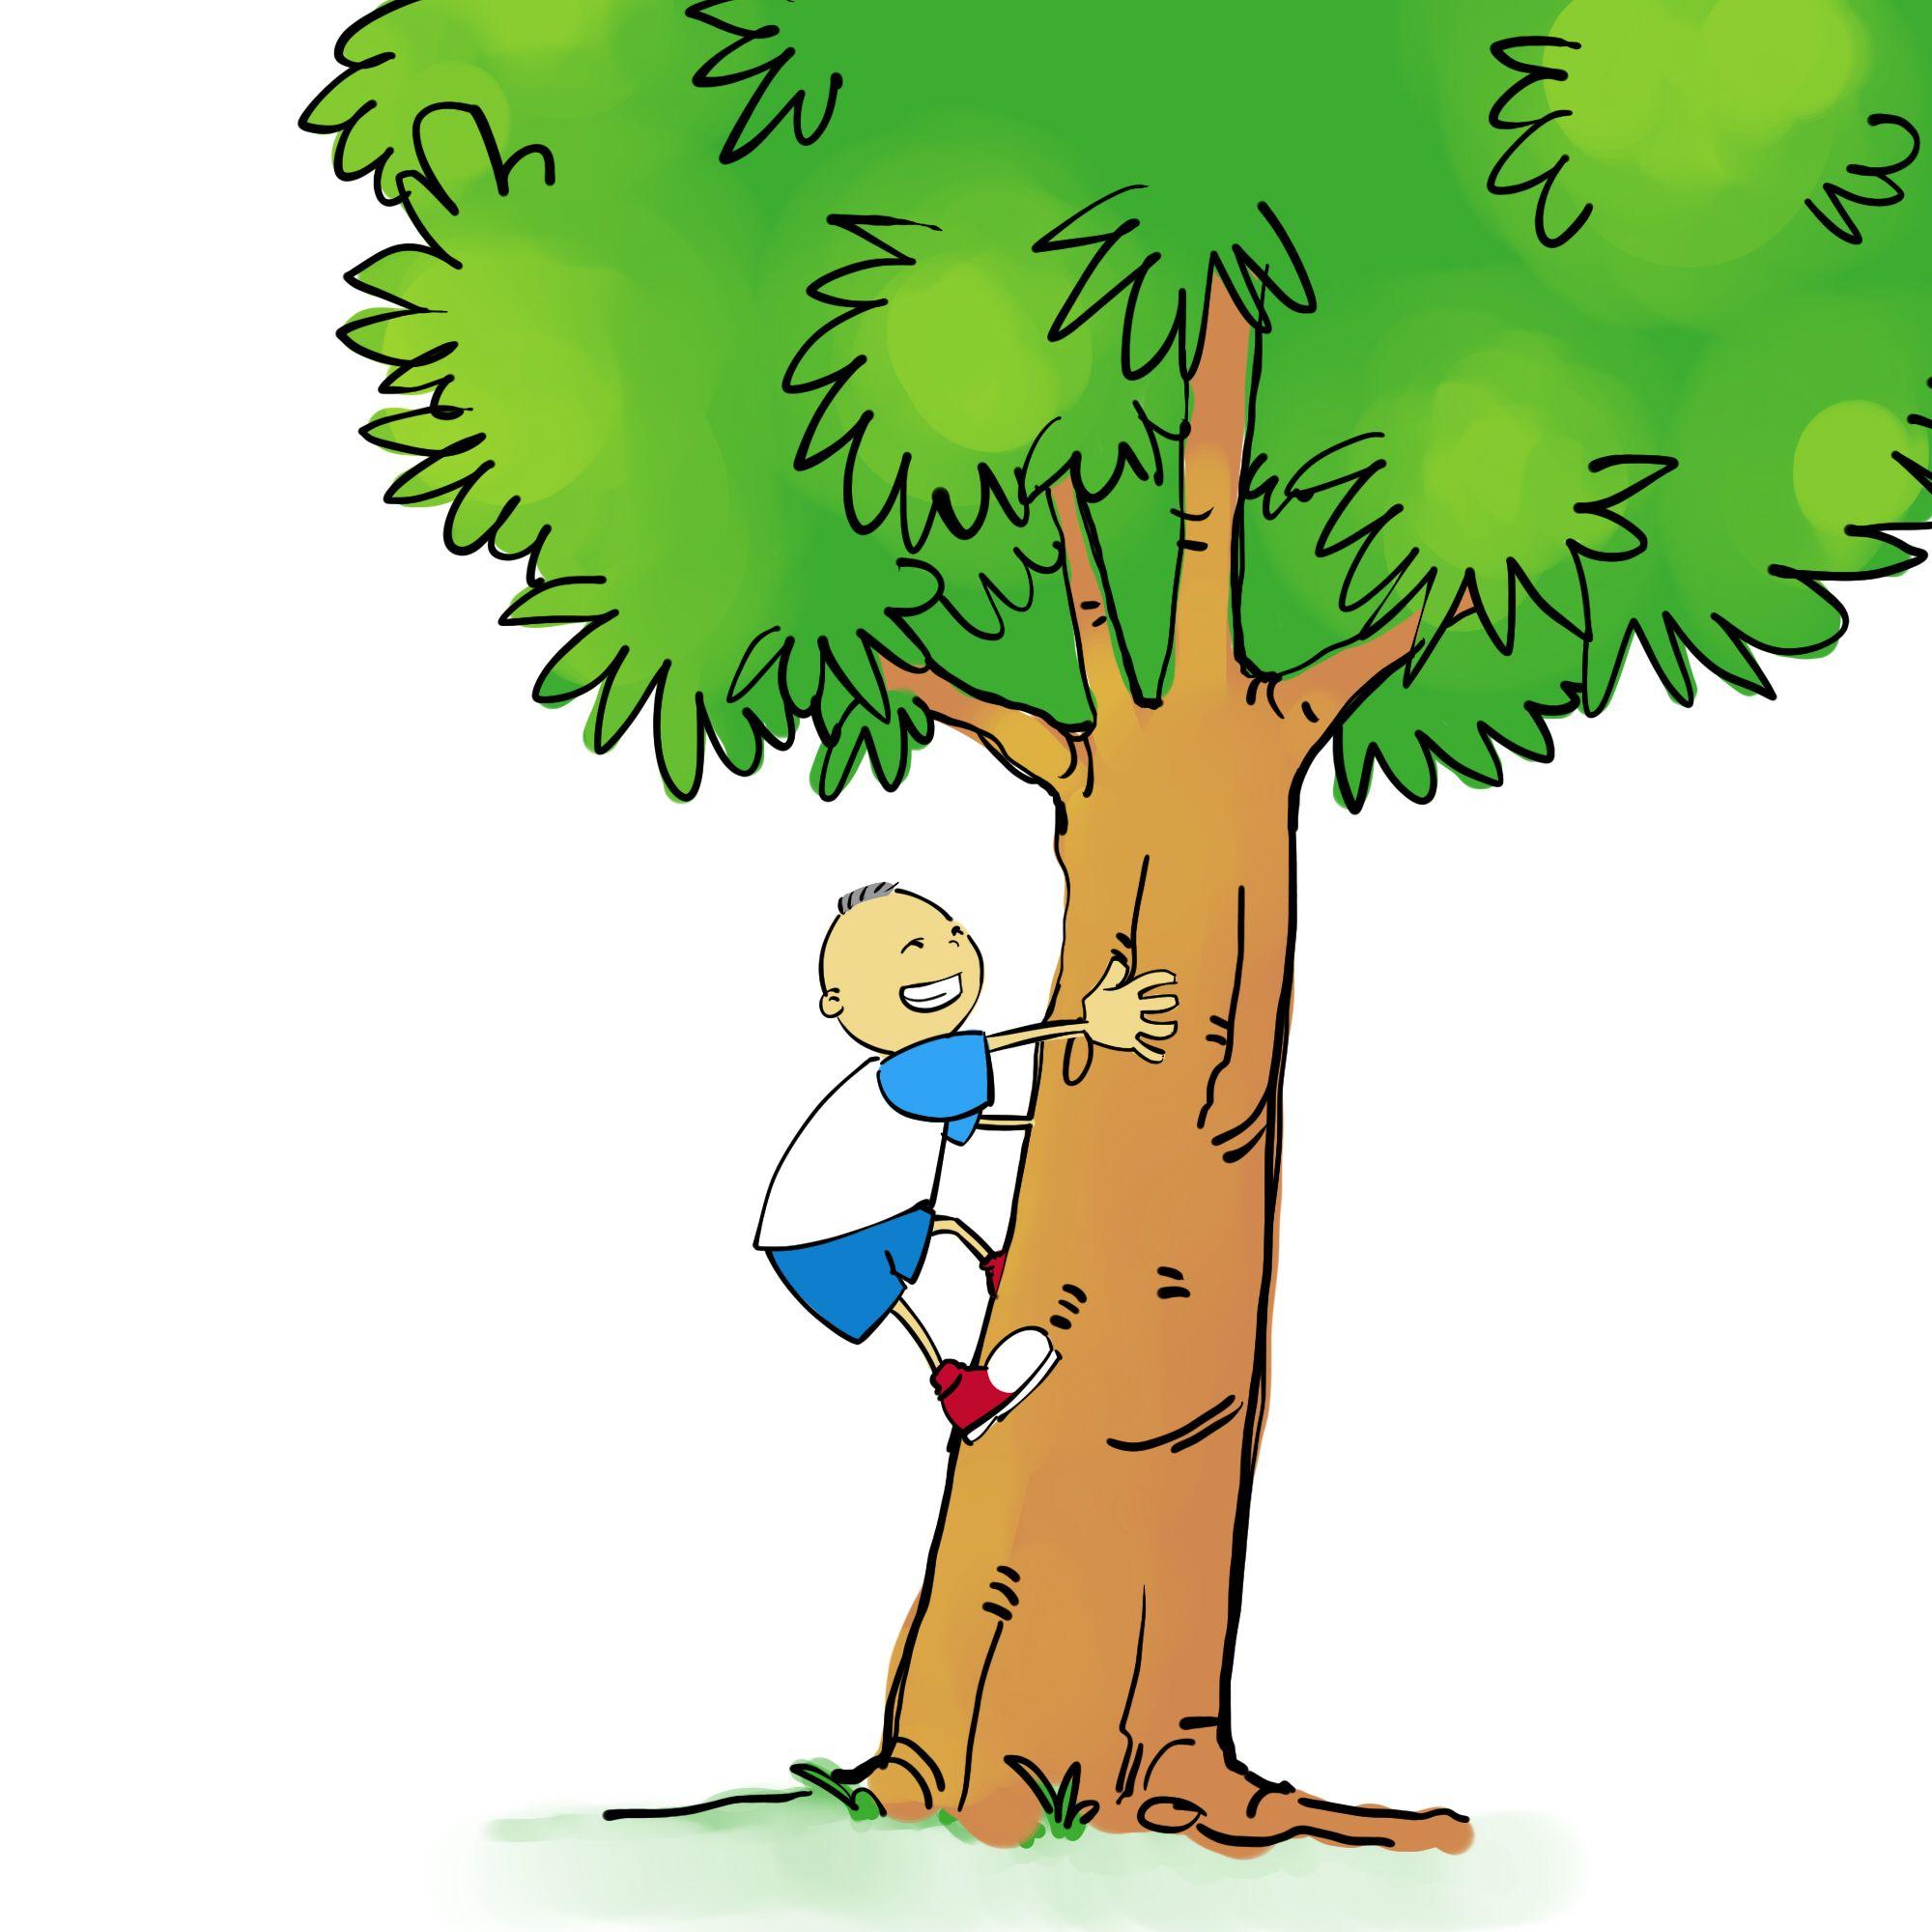 Pin By Erika Van Zyl On Do Not Climb Tree Tree Clipart Climbing